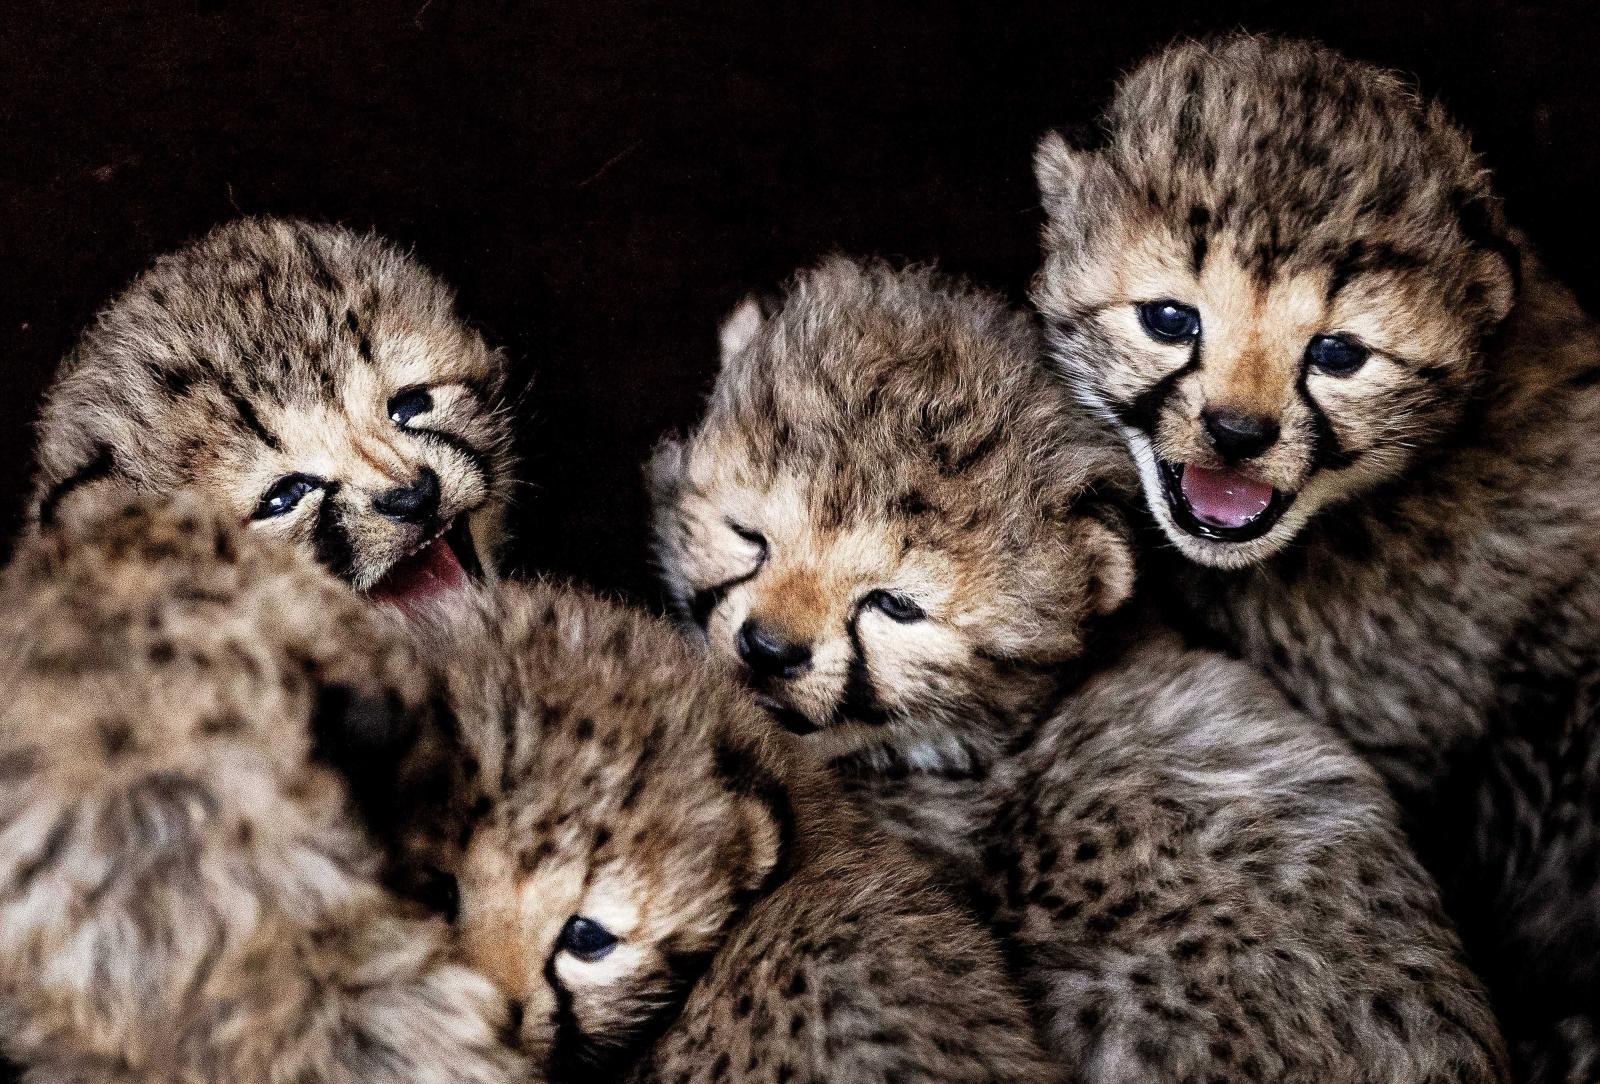 Pięć małych gepardów urodzonych 1 lutego w Parku Safari w Hilvarenbeek, Holandia.